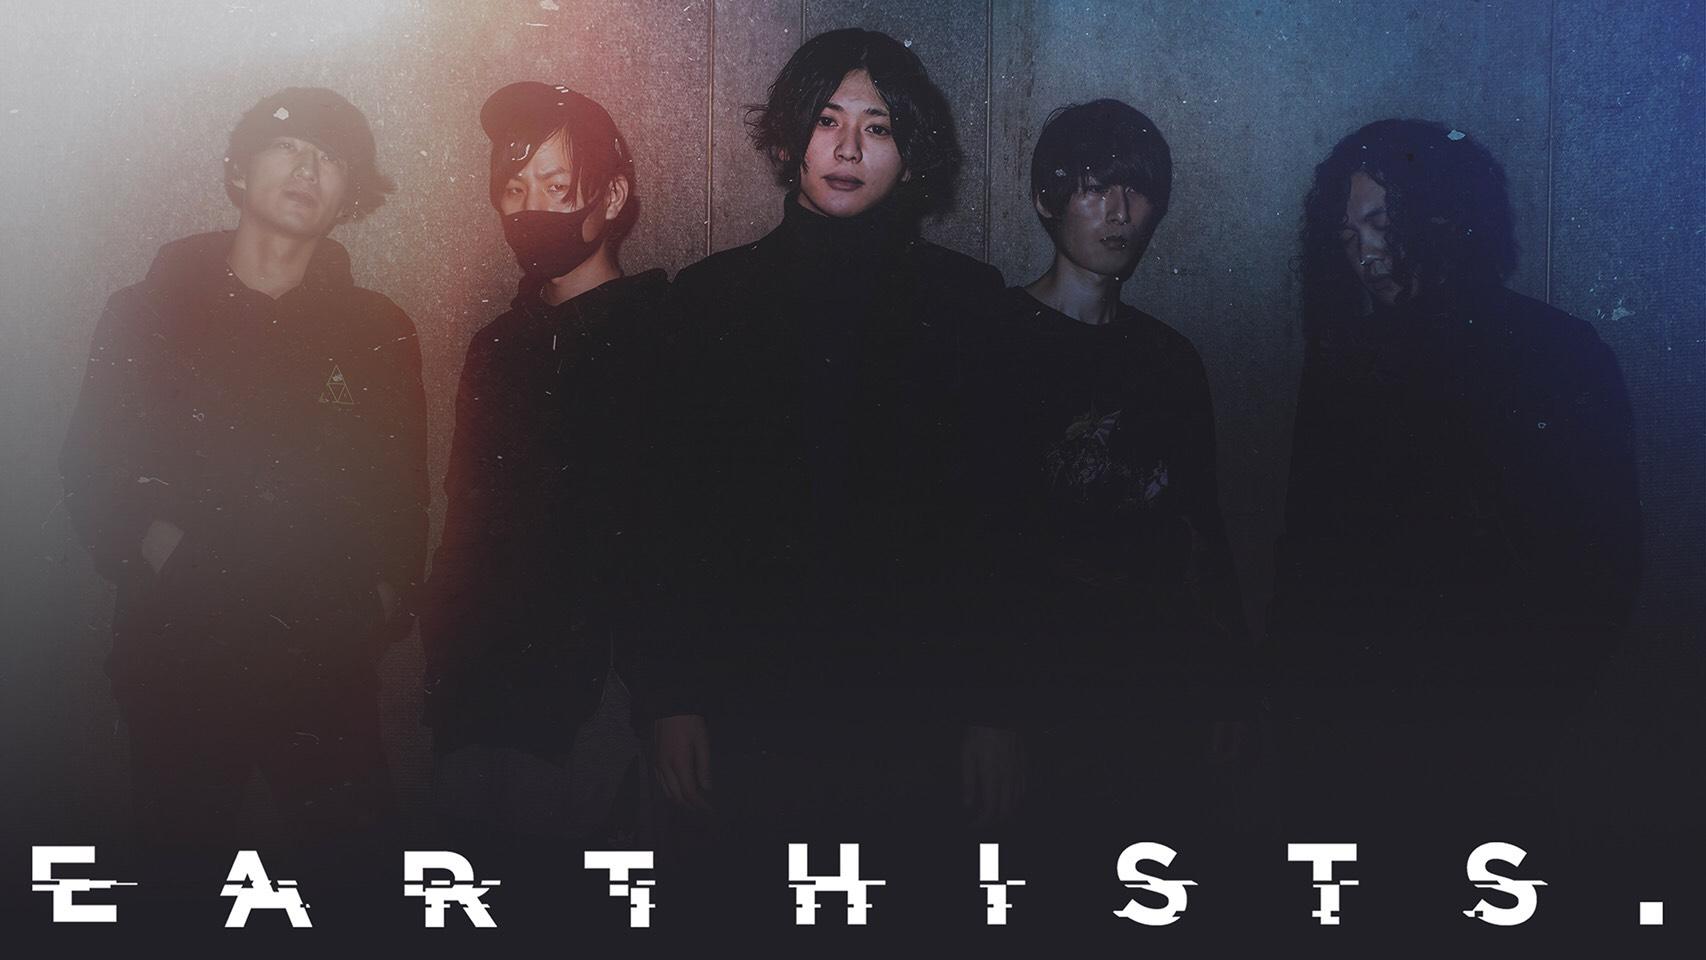 Earthists._2018